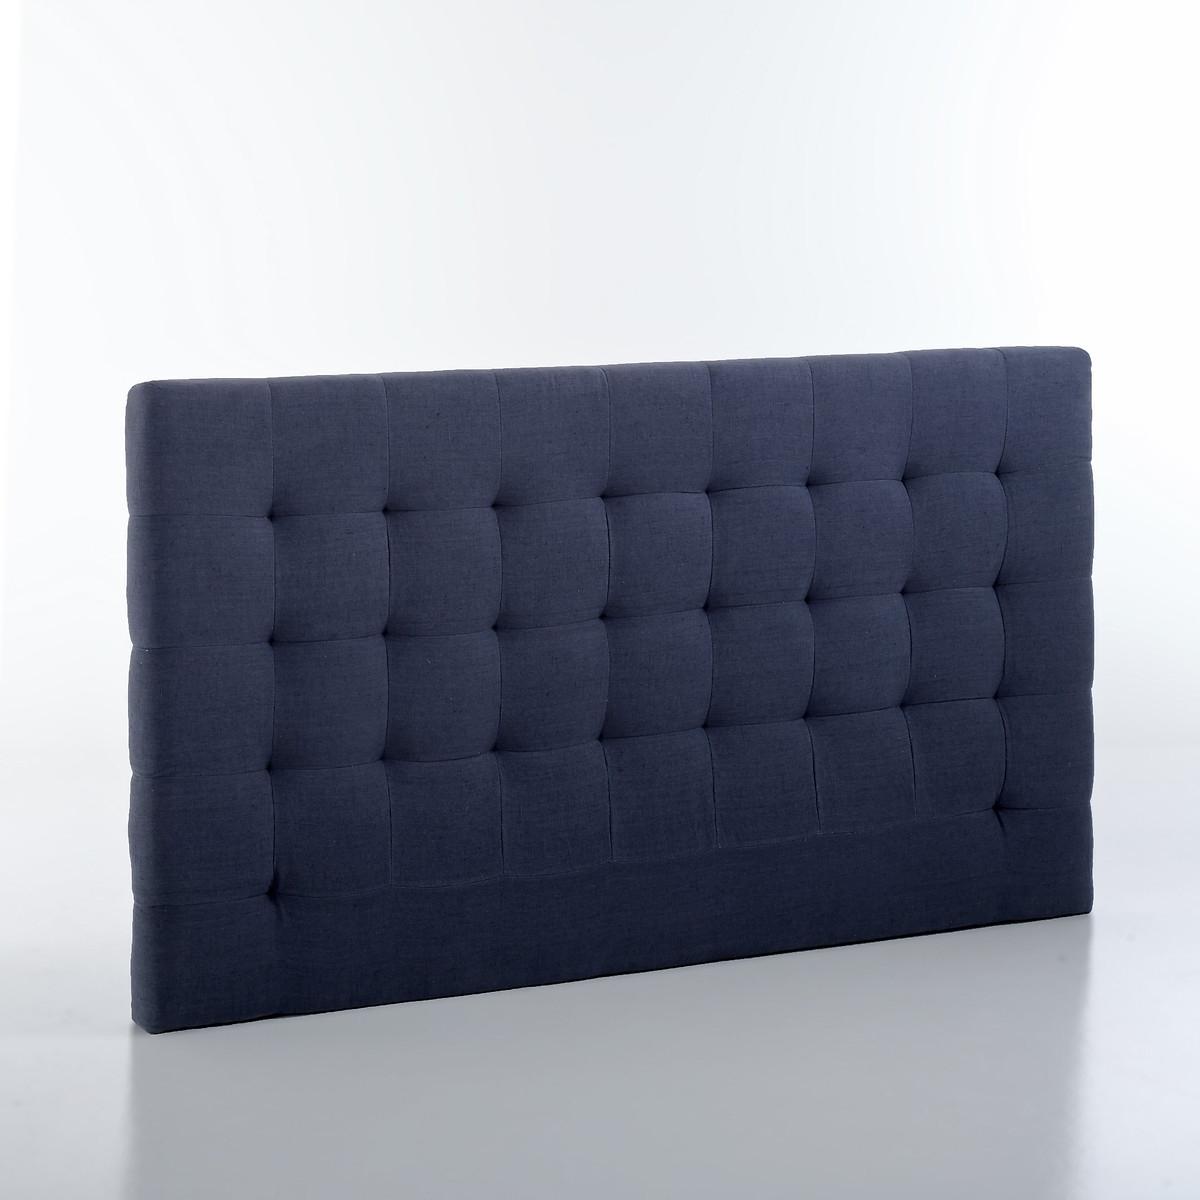 Изголовье LaRedoute Кровати с обивкой из льна 100 см Selve 160 см синий кровати 160 см